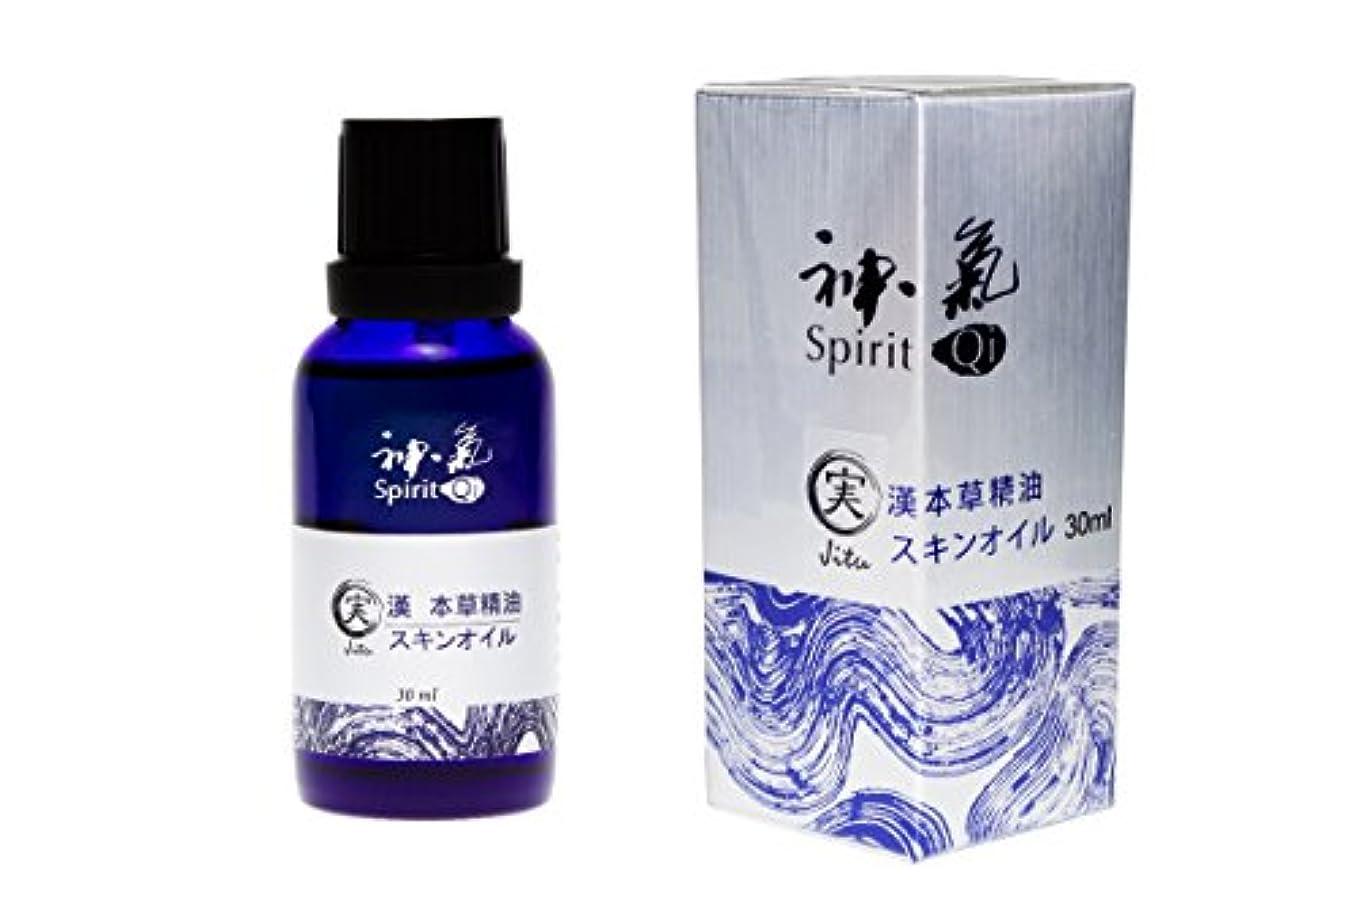 柔らかい異なるむしろ神気症状別シリーズ 実(Jitu) (30ml)